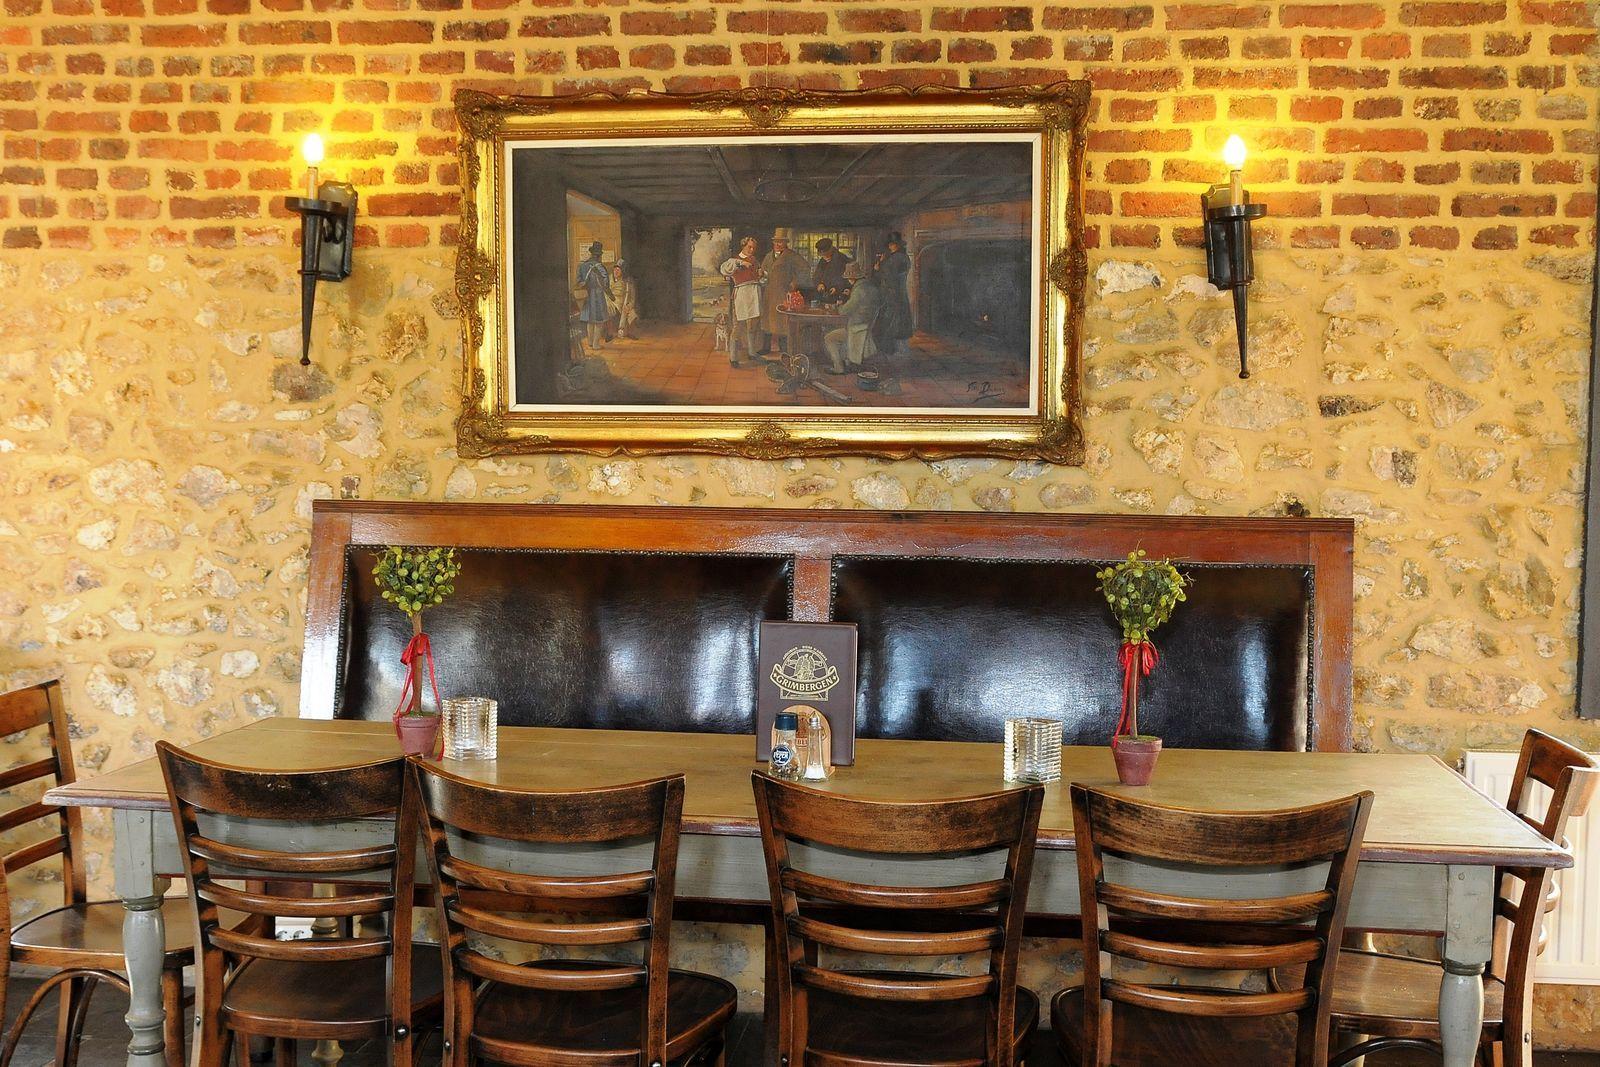 Limburgse Carrehoeve Poel - vakantiehuis voor groepen in Zuid-Limburg